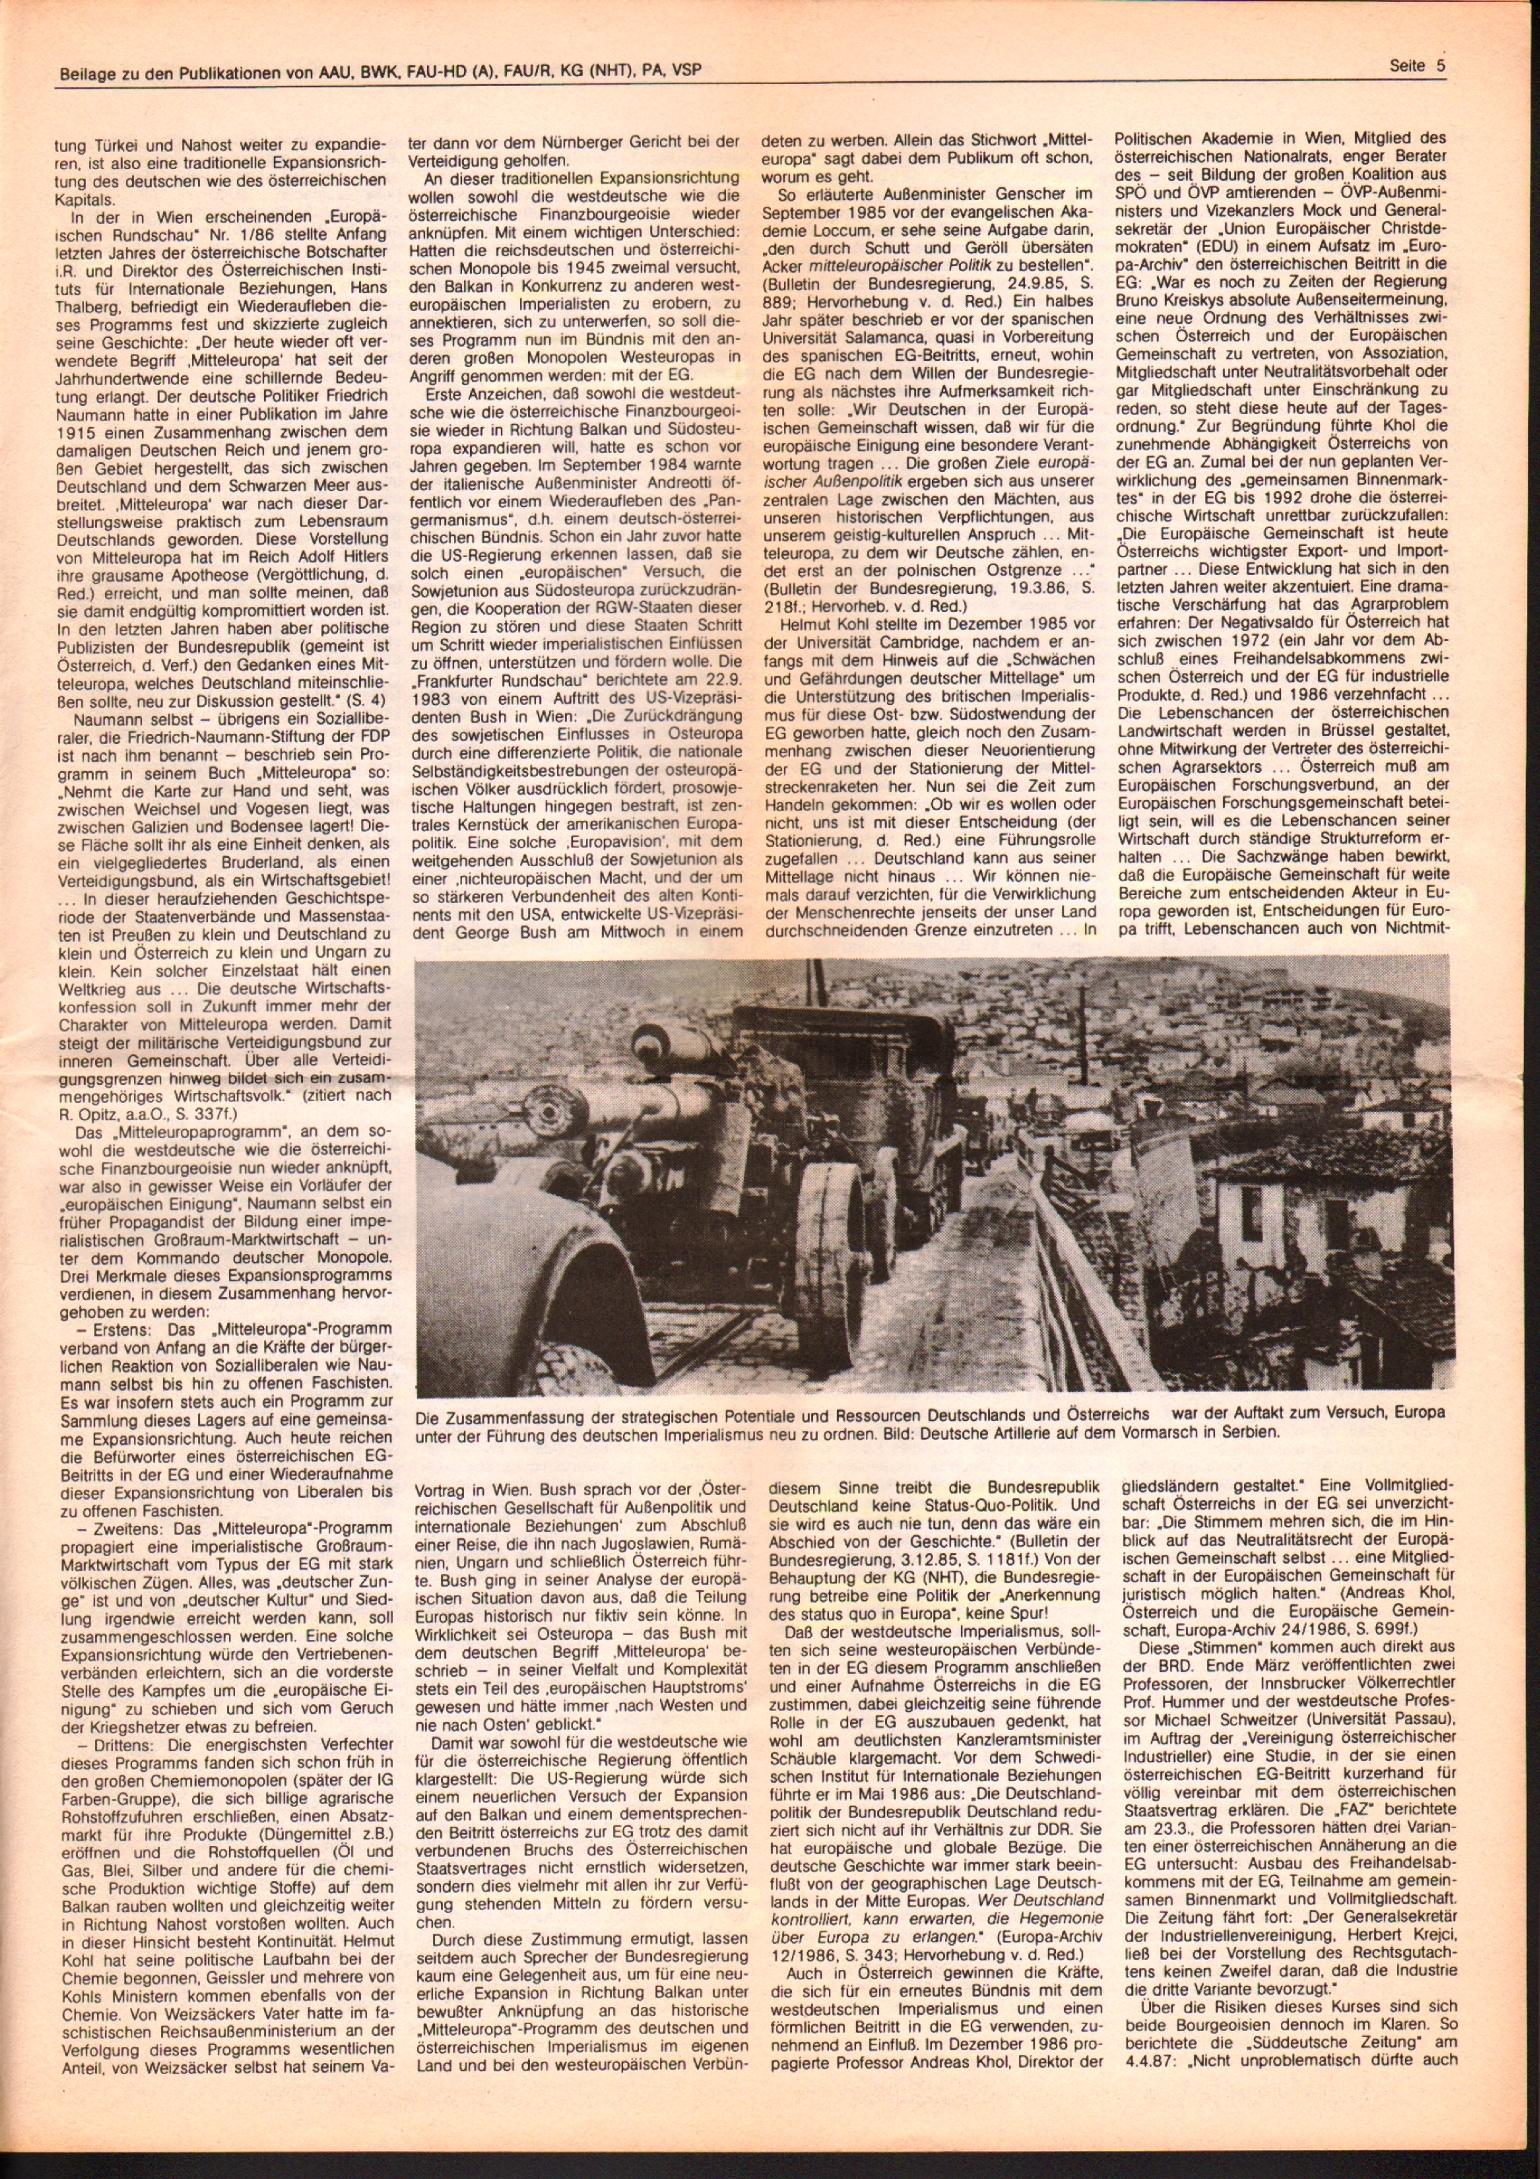 Gemeinsame_Beilage_1987_02_05